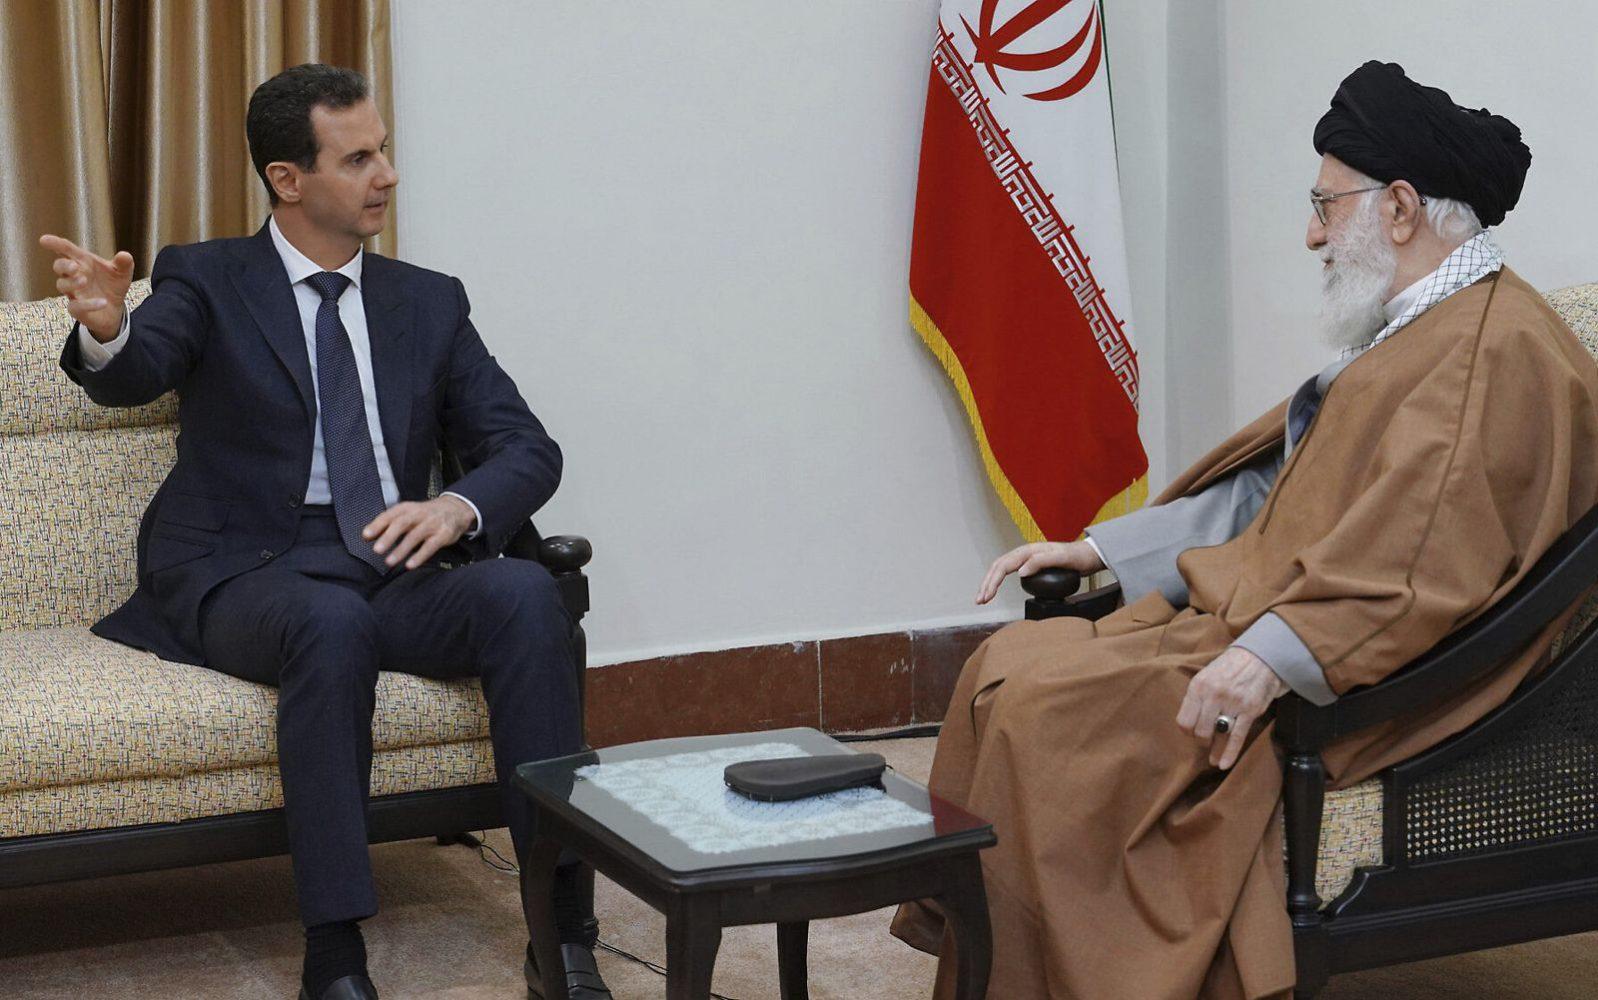 En esta foto publicada por la agencia oficial de noticias siria SANA, el presidente sirio Bashar Assad, a la izquierda, habla con el líder supremo iraní, el ayatolá Ali Khamenei, antes de su reunión en Teherán, Siria, el 25 de febrero de 2019. (SANA vía AP)